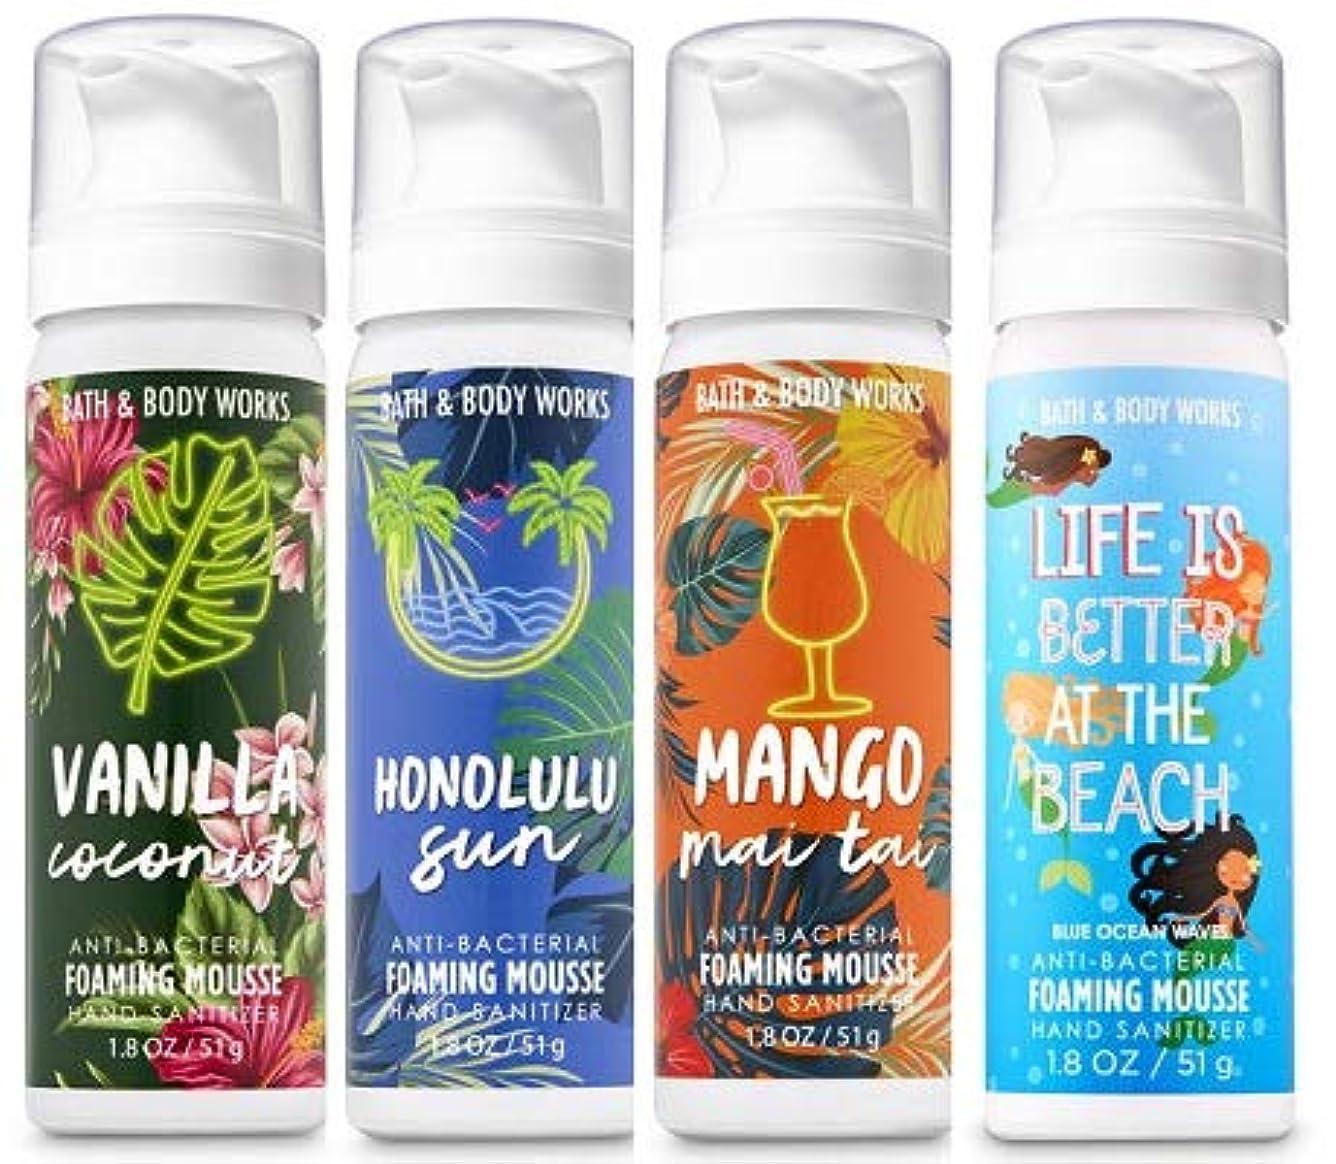 細部実験をする保護するBath & Body Works ◆抗菌ハンドフォーム◆Foaming Hand Sanitizer おまかせ4本 [海外直送品]